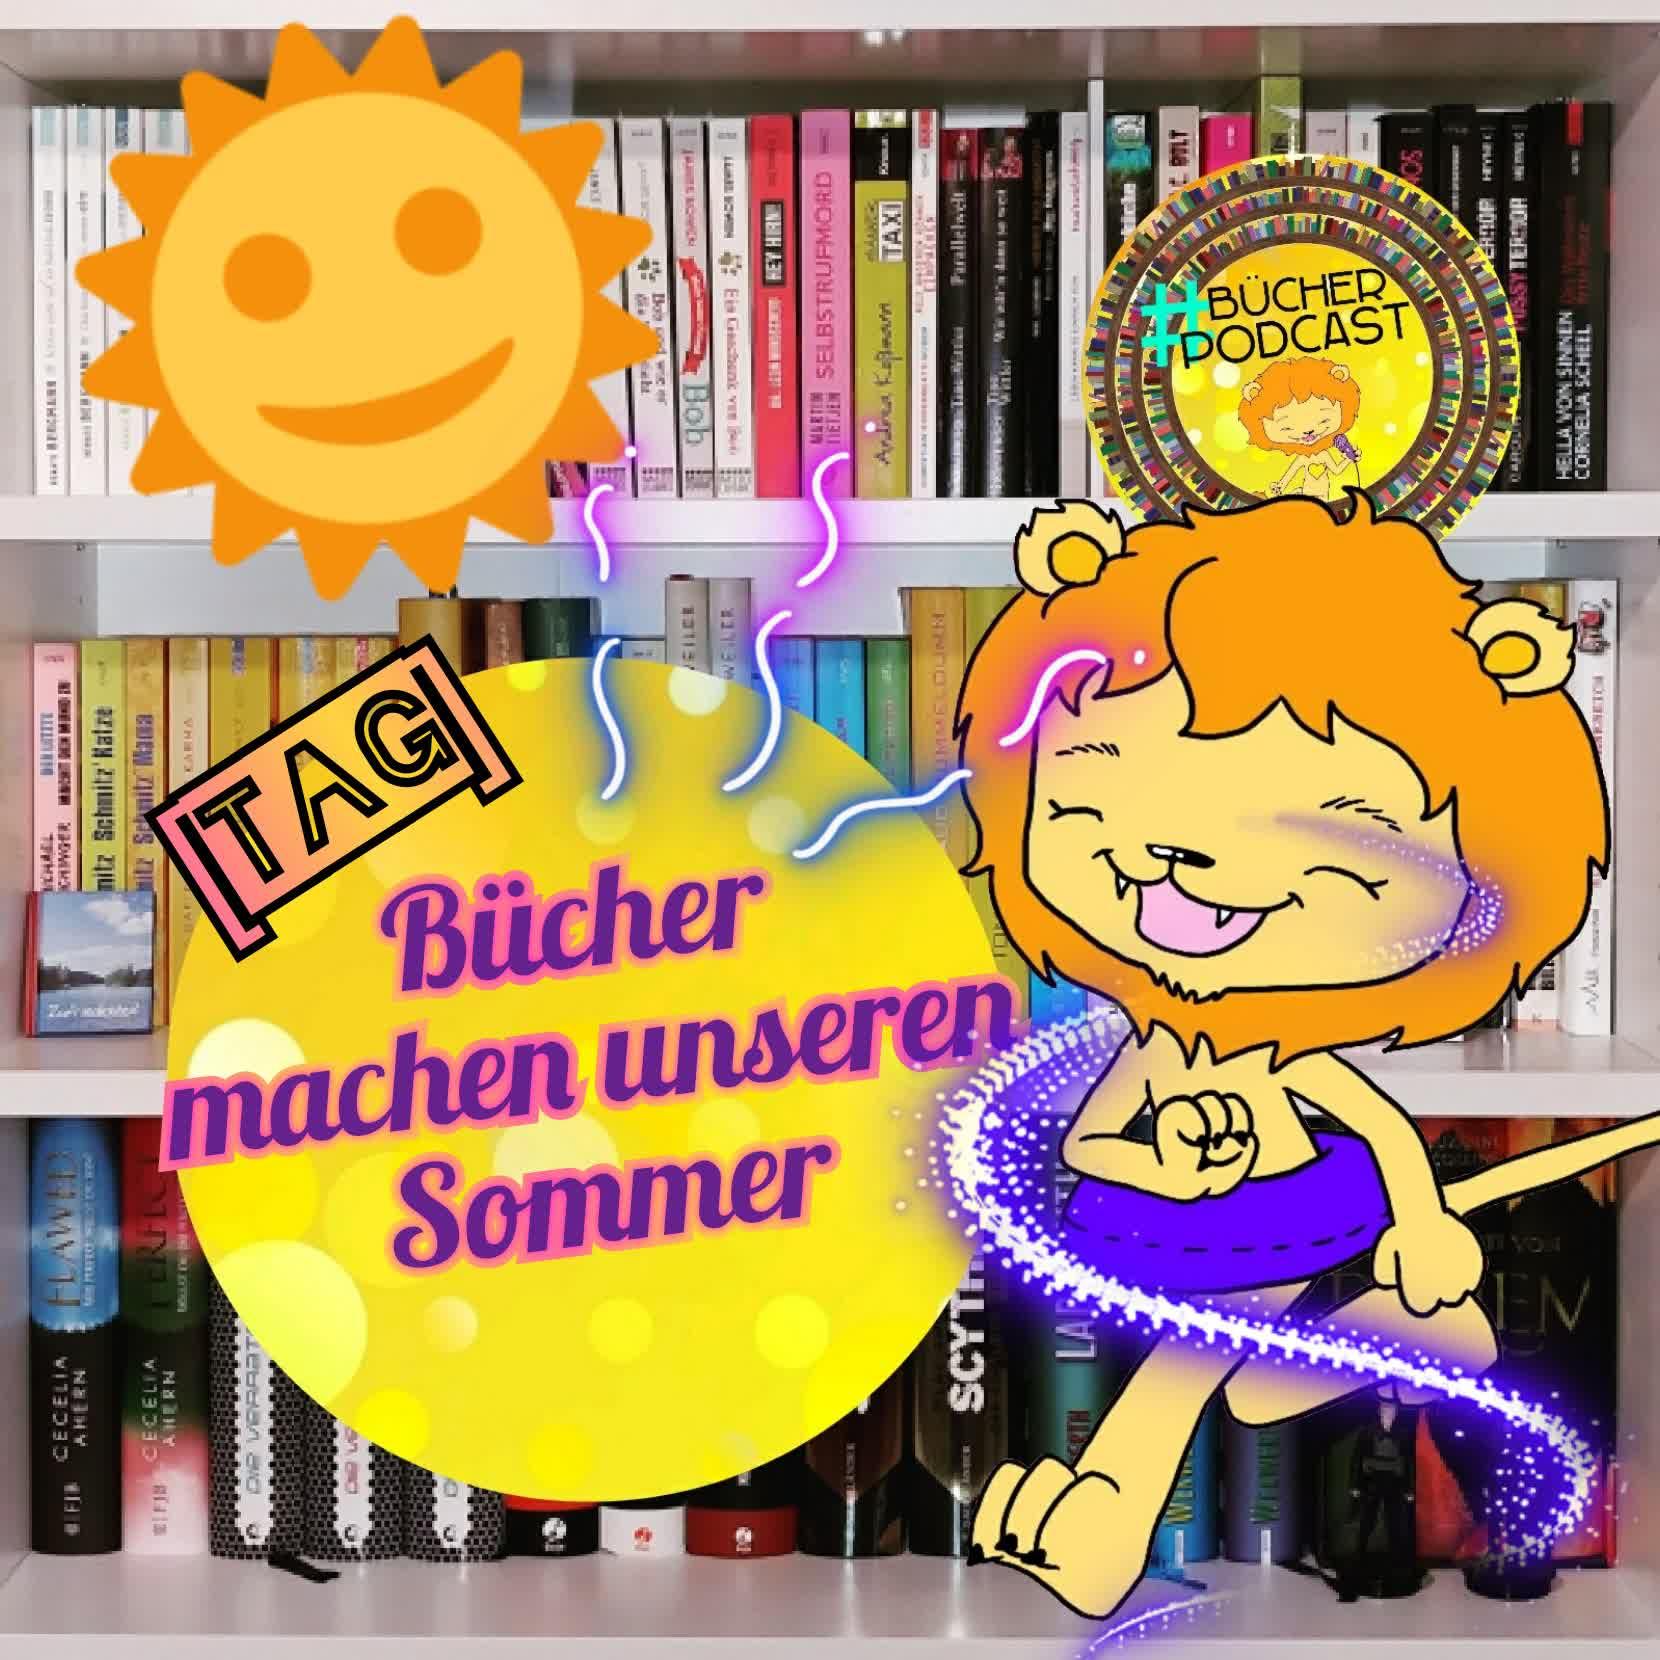 [TAG] Bücher machen unseren Sommer